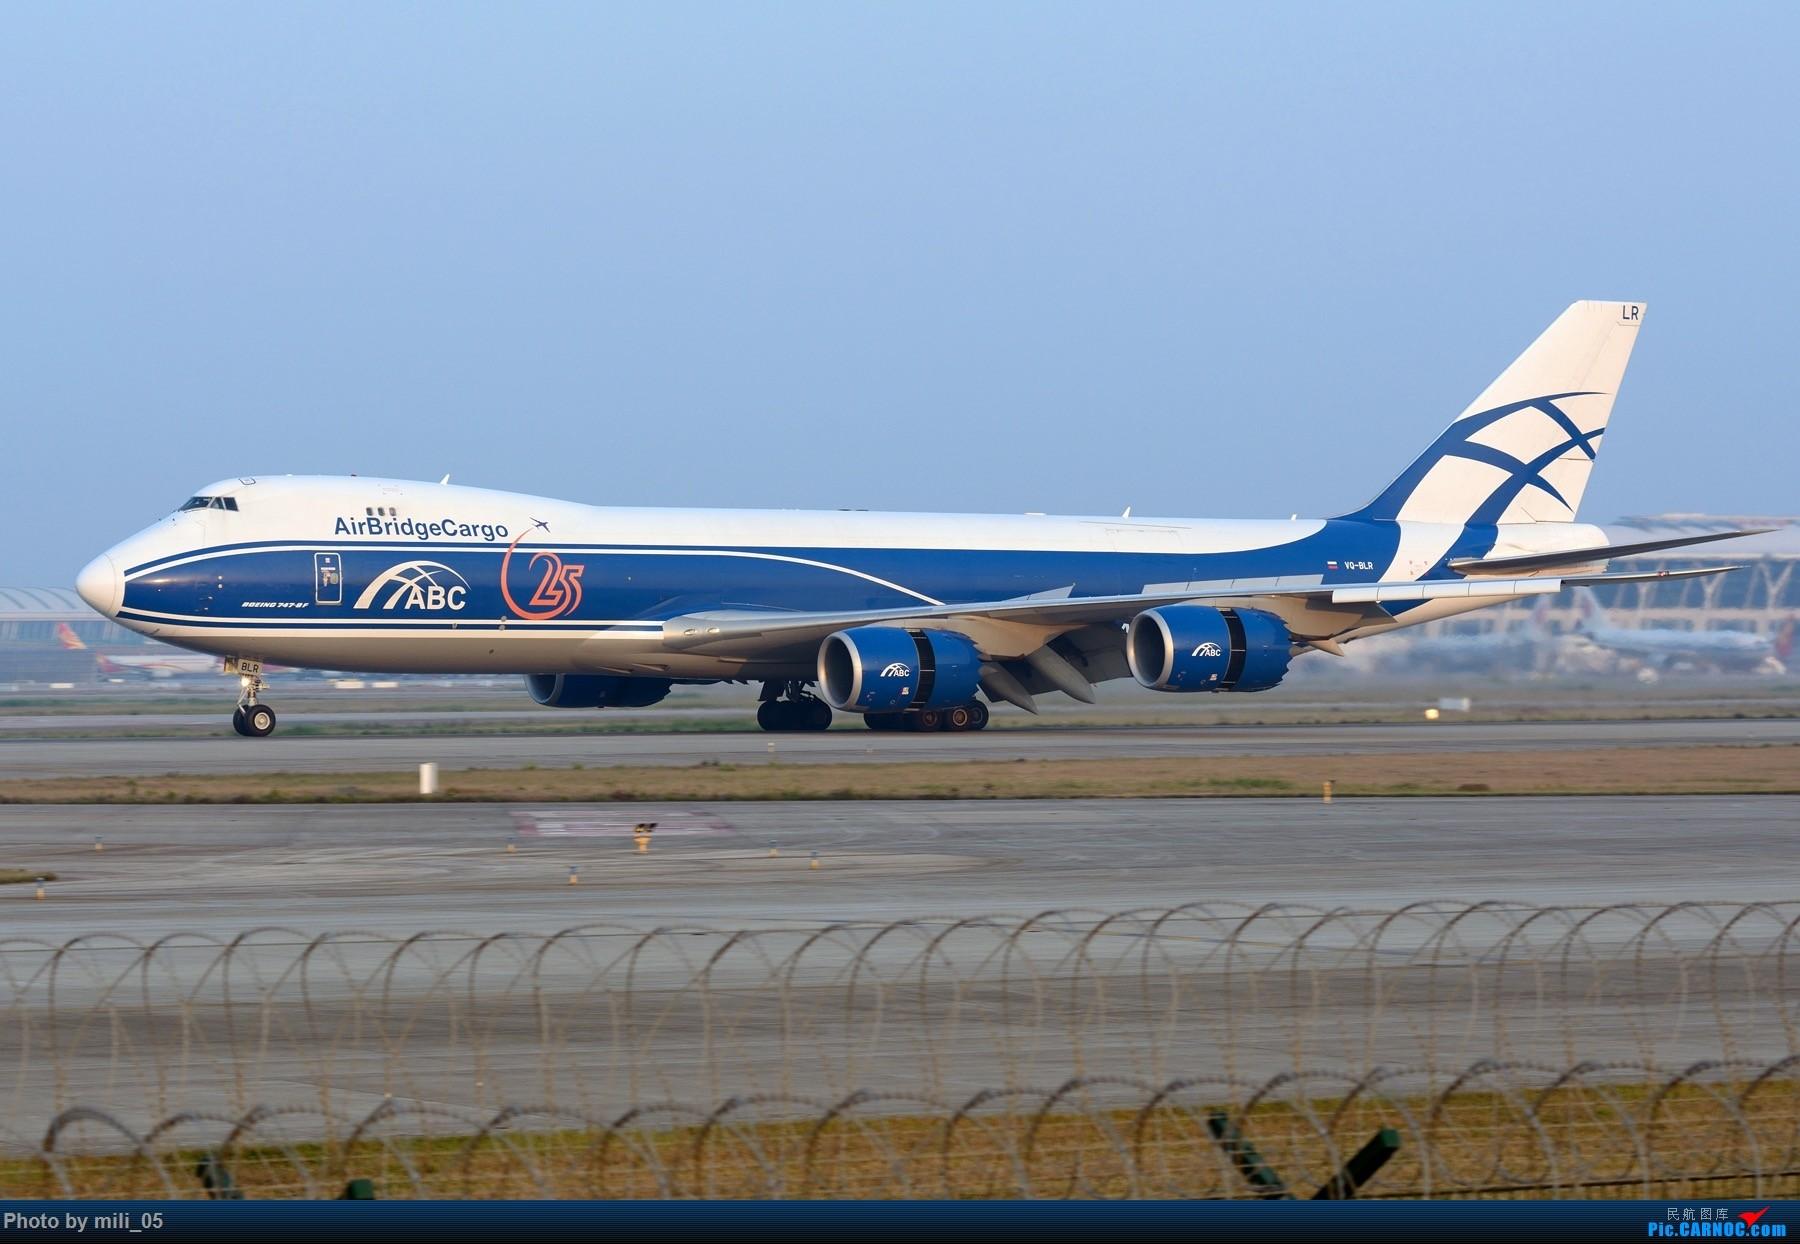 PVG B747-8F首次发图,请多关照! BOEING 747-8F VQ-BLR PVG